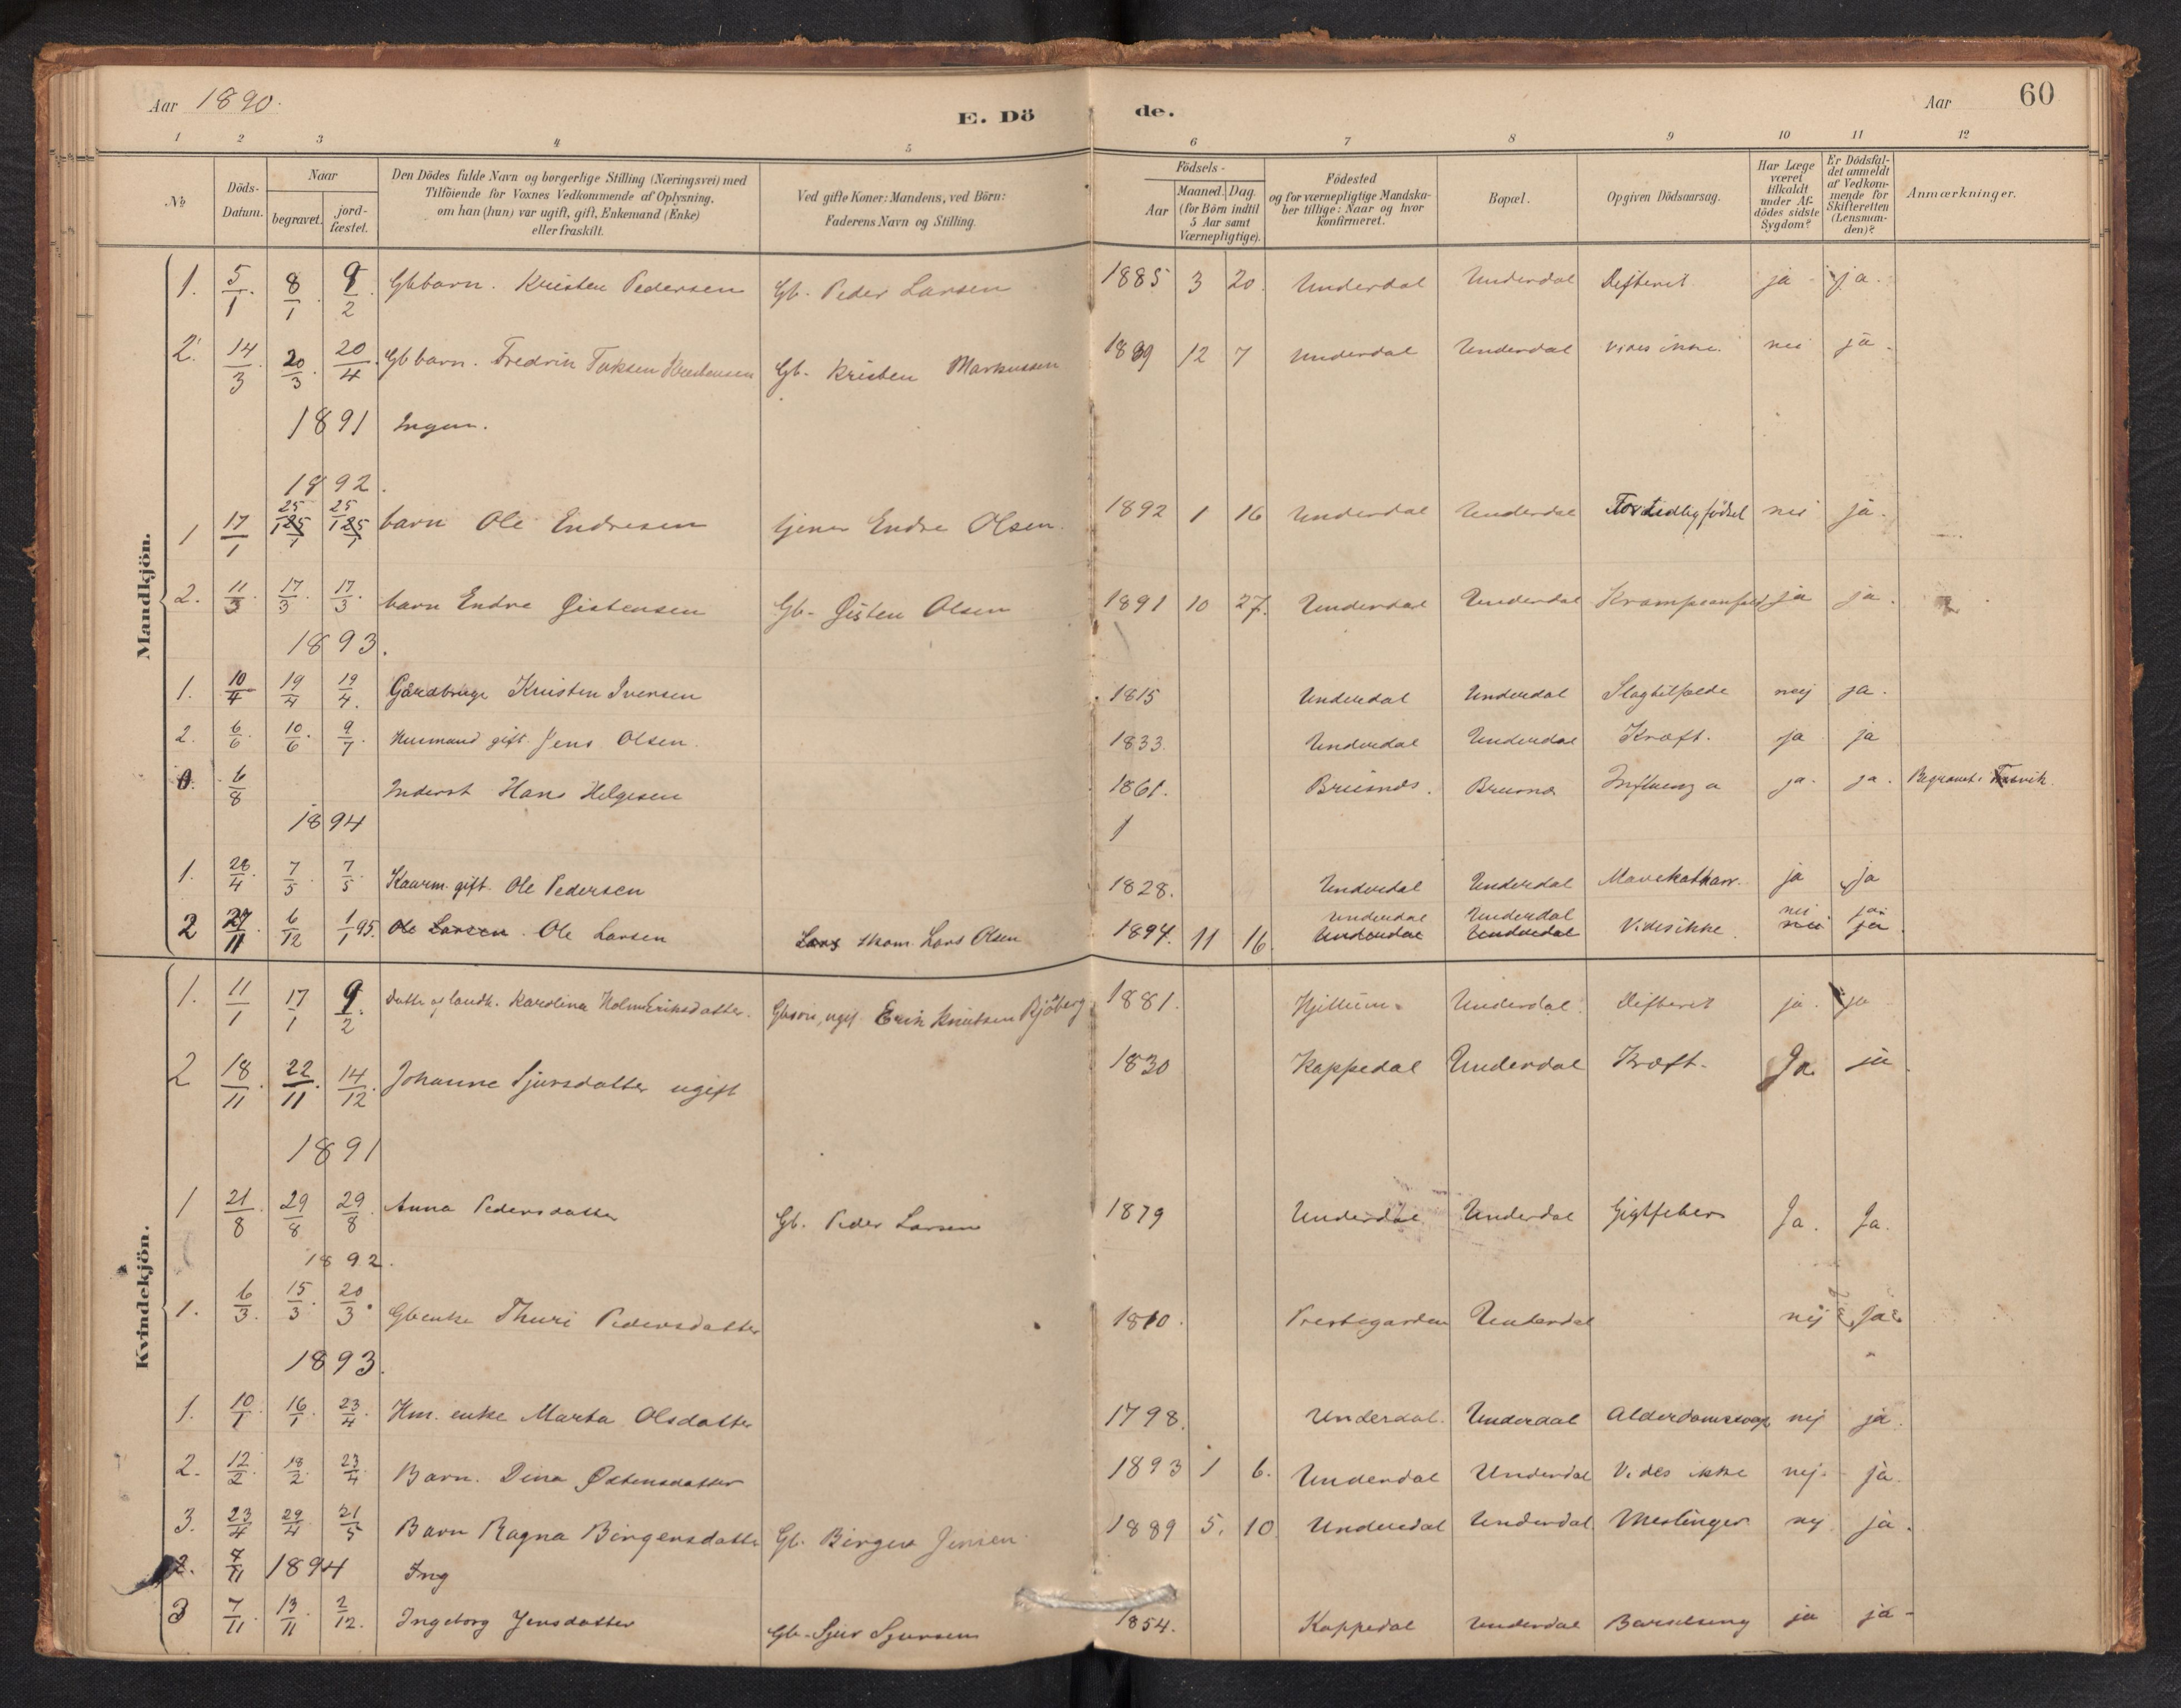 SAB, Aurland Sokneprestembete*, Ministerialbok nr. E 1, 1880-1907, s. 59b-60a